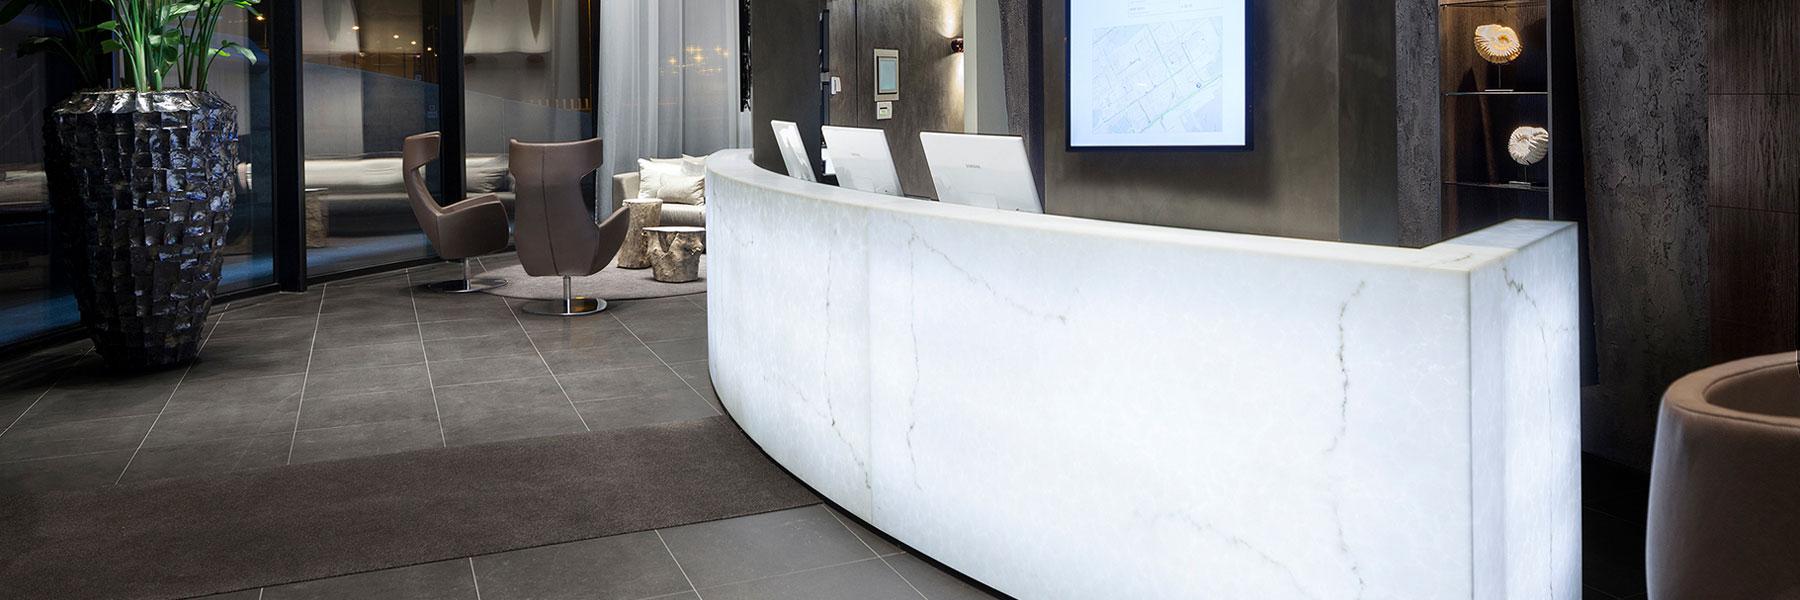 friluxe stone kunststoff designplatten steinoptik kaufen österreich luxuriöse kunststoffplatten Alabasters Marmors Onyx dekenverkleidung hinterleuchtet slider